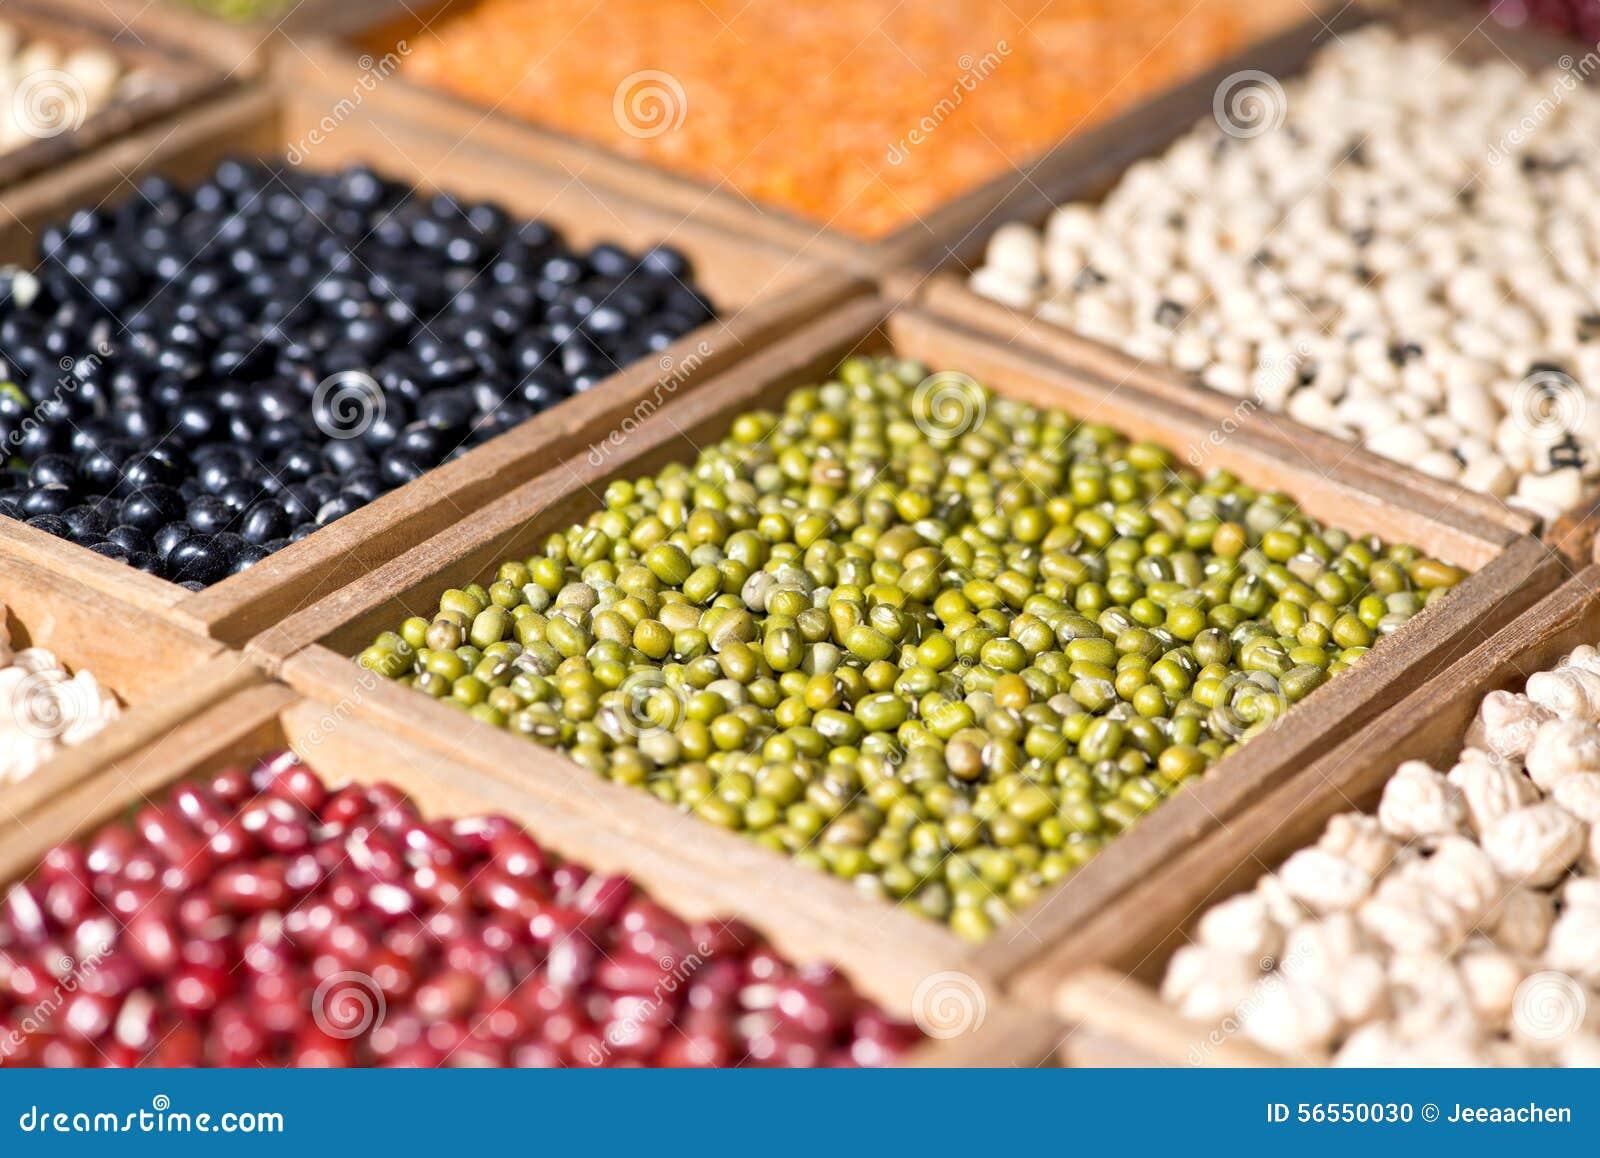 Download Συστατικά υγείας στοκ εικόνες. εικόνα από οργανικός, οριζόντιος - 56550030